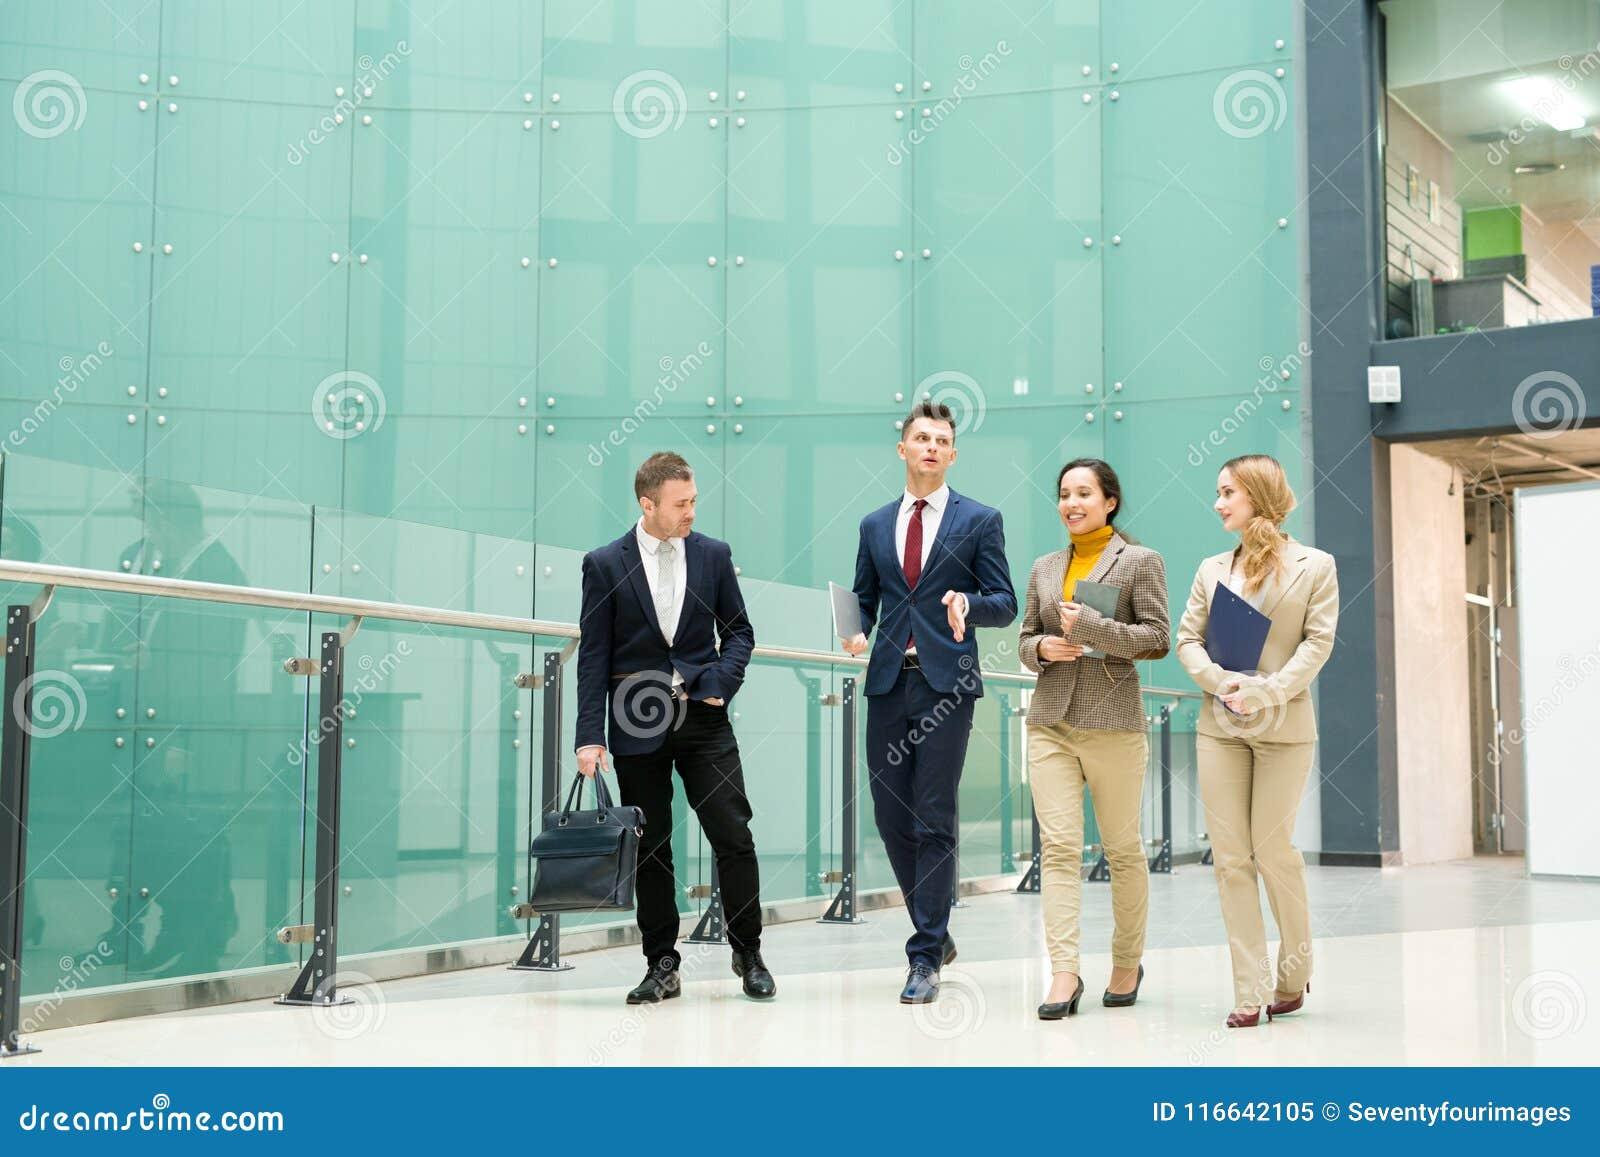 Ομάδα επιχειρηματιών που περπατούν από το γραφείο